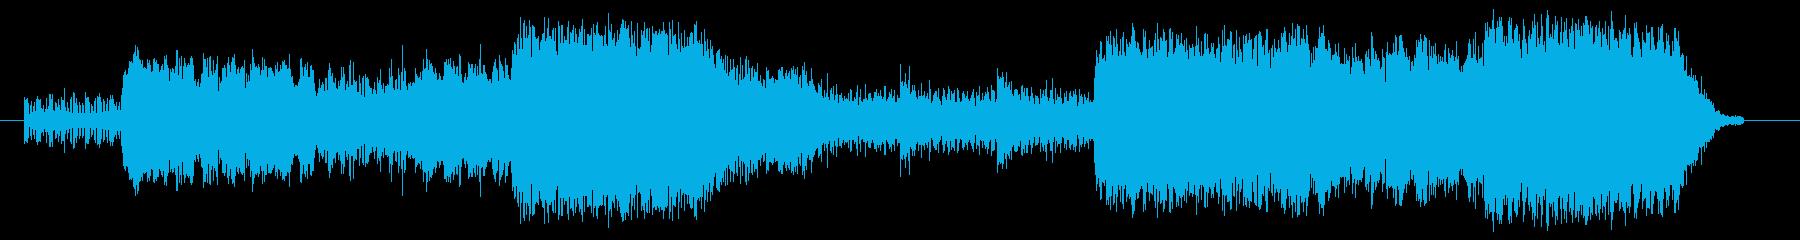 何かから逃げているイメージの曲の再生済みの波形